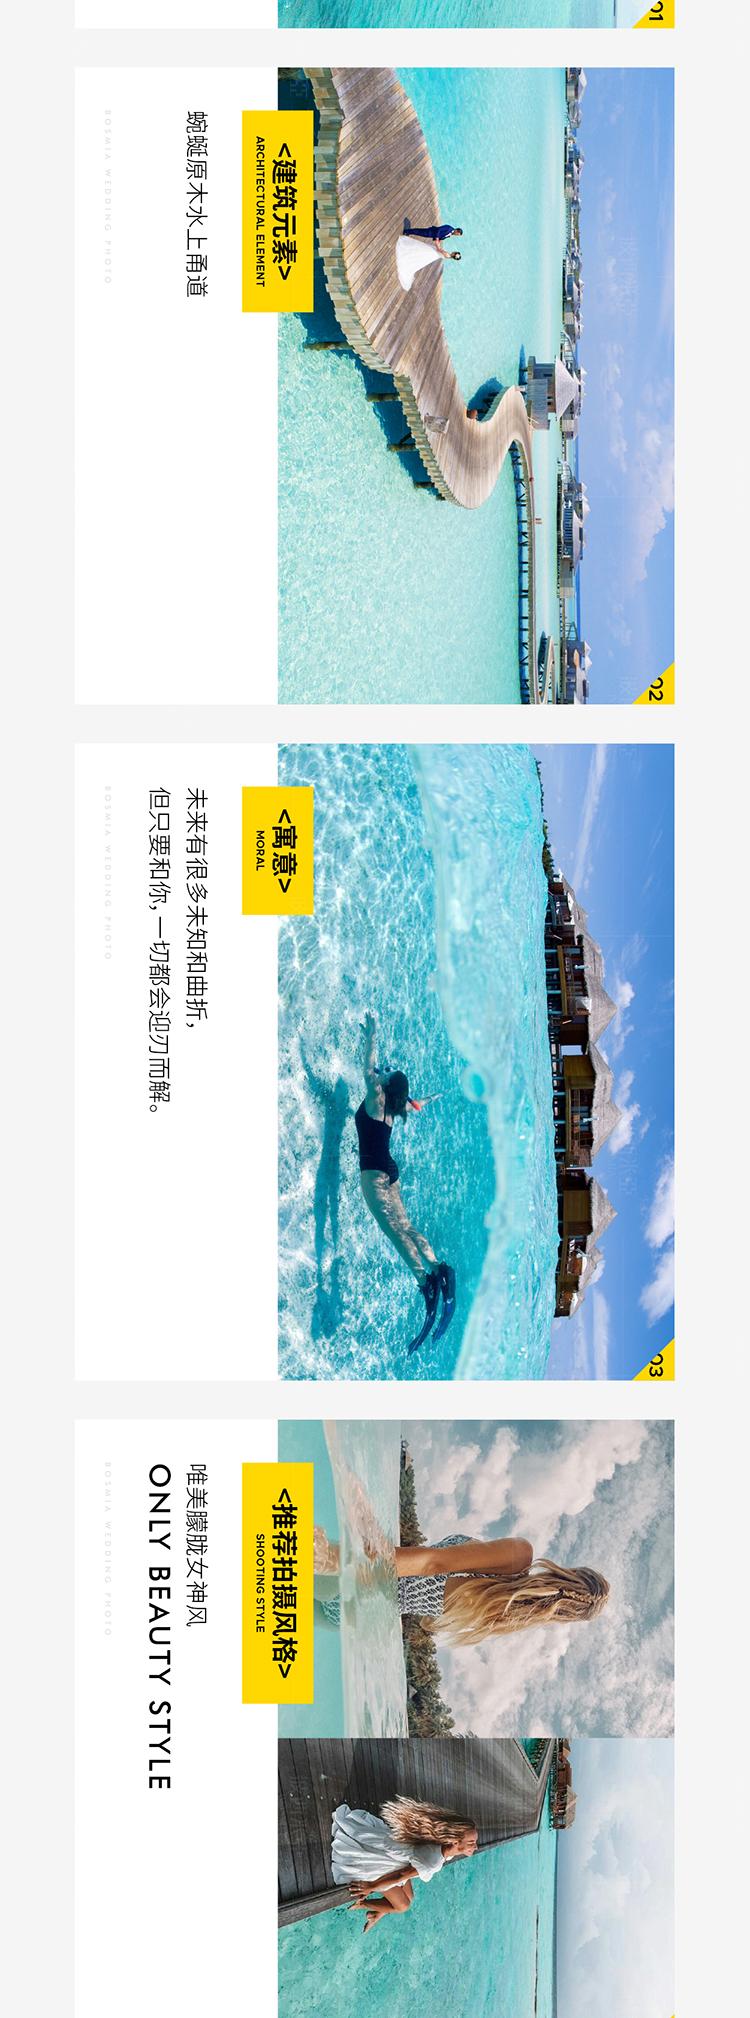 水之城M-4_09.jpg